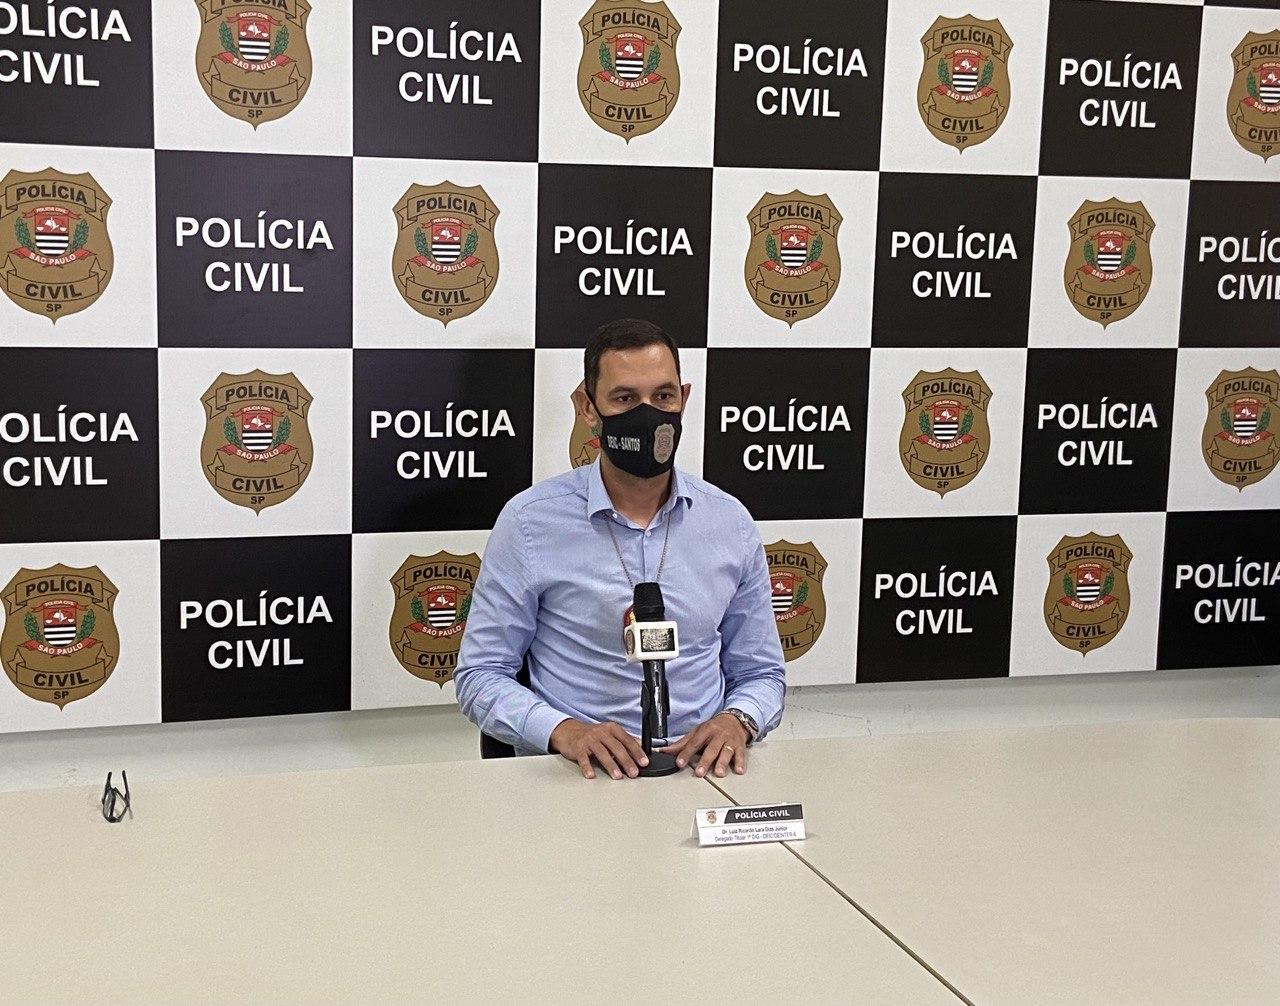 O delegado Luiz Ricardo de Lara Dias Júnior coordenou a ação que resultou na apreensão em Santos